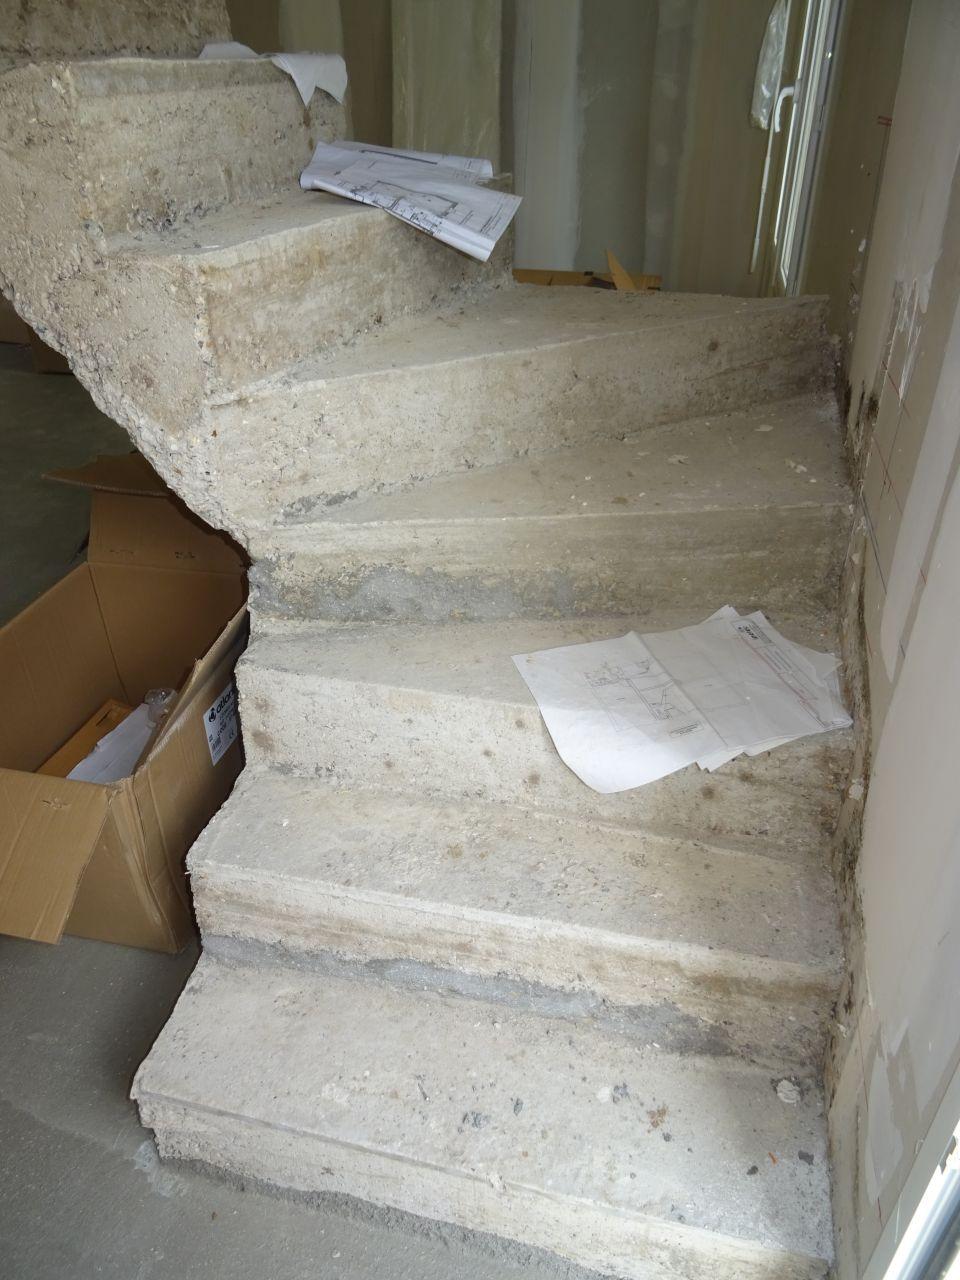 L'escalier est moche. ça ne se voit pas sous cet angle mais les marches se rentrent dedans, ne vont pas jusqu'au bord du mur et il y a de gros doute sur la solidité.